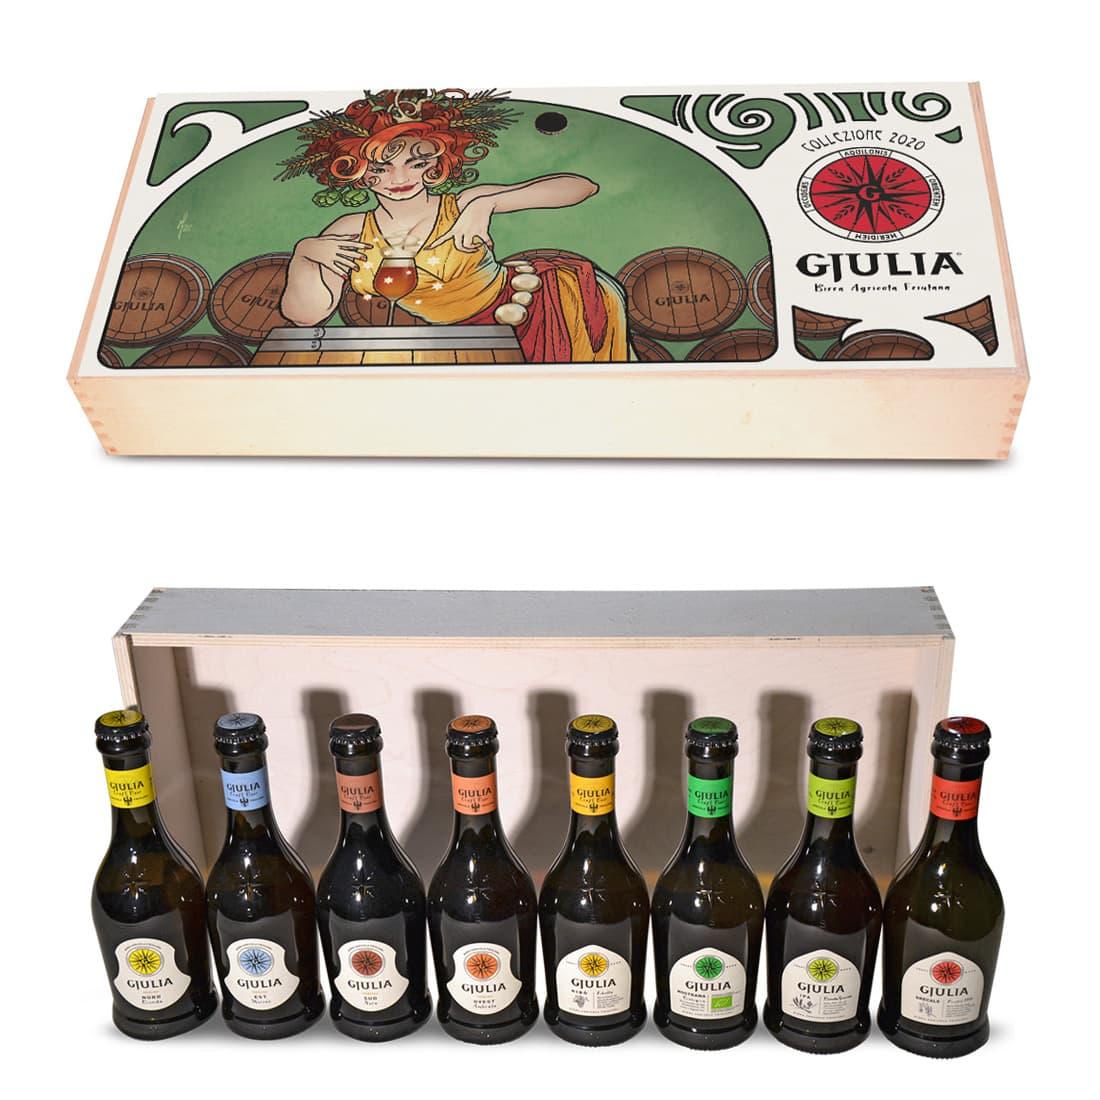 Cassetta regalo 2020 Fata Gjulia 8 bottiglie